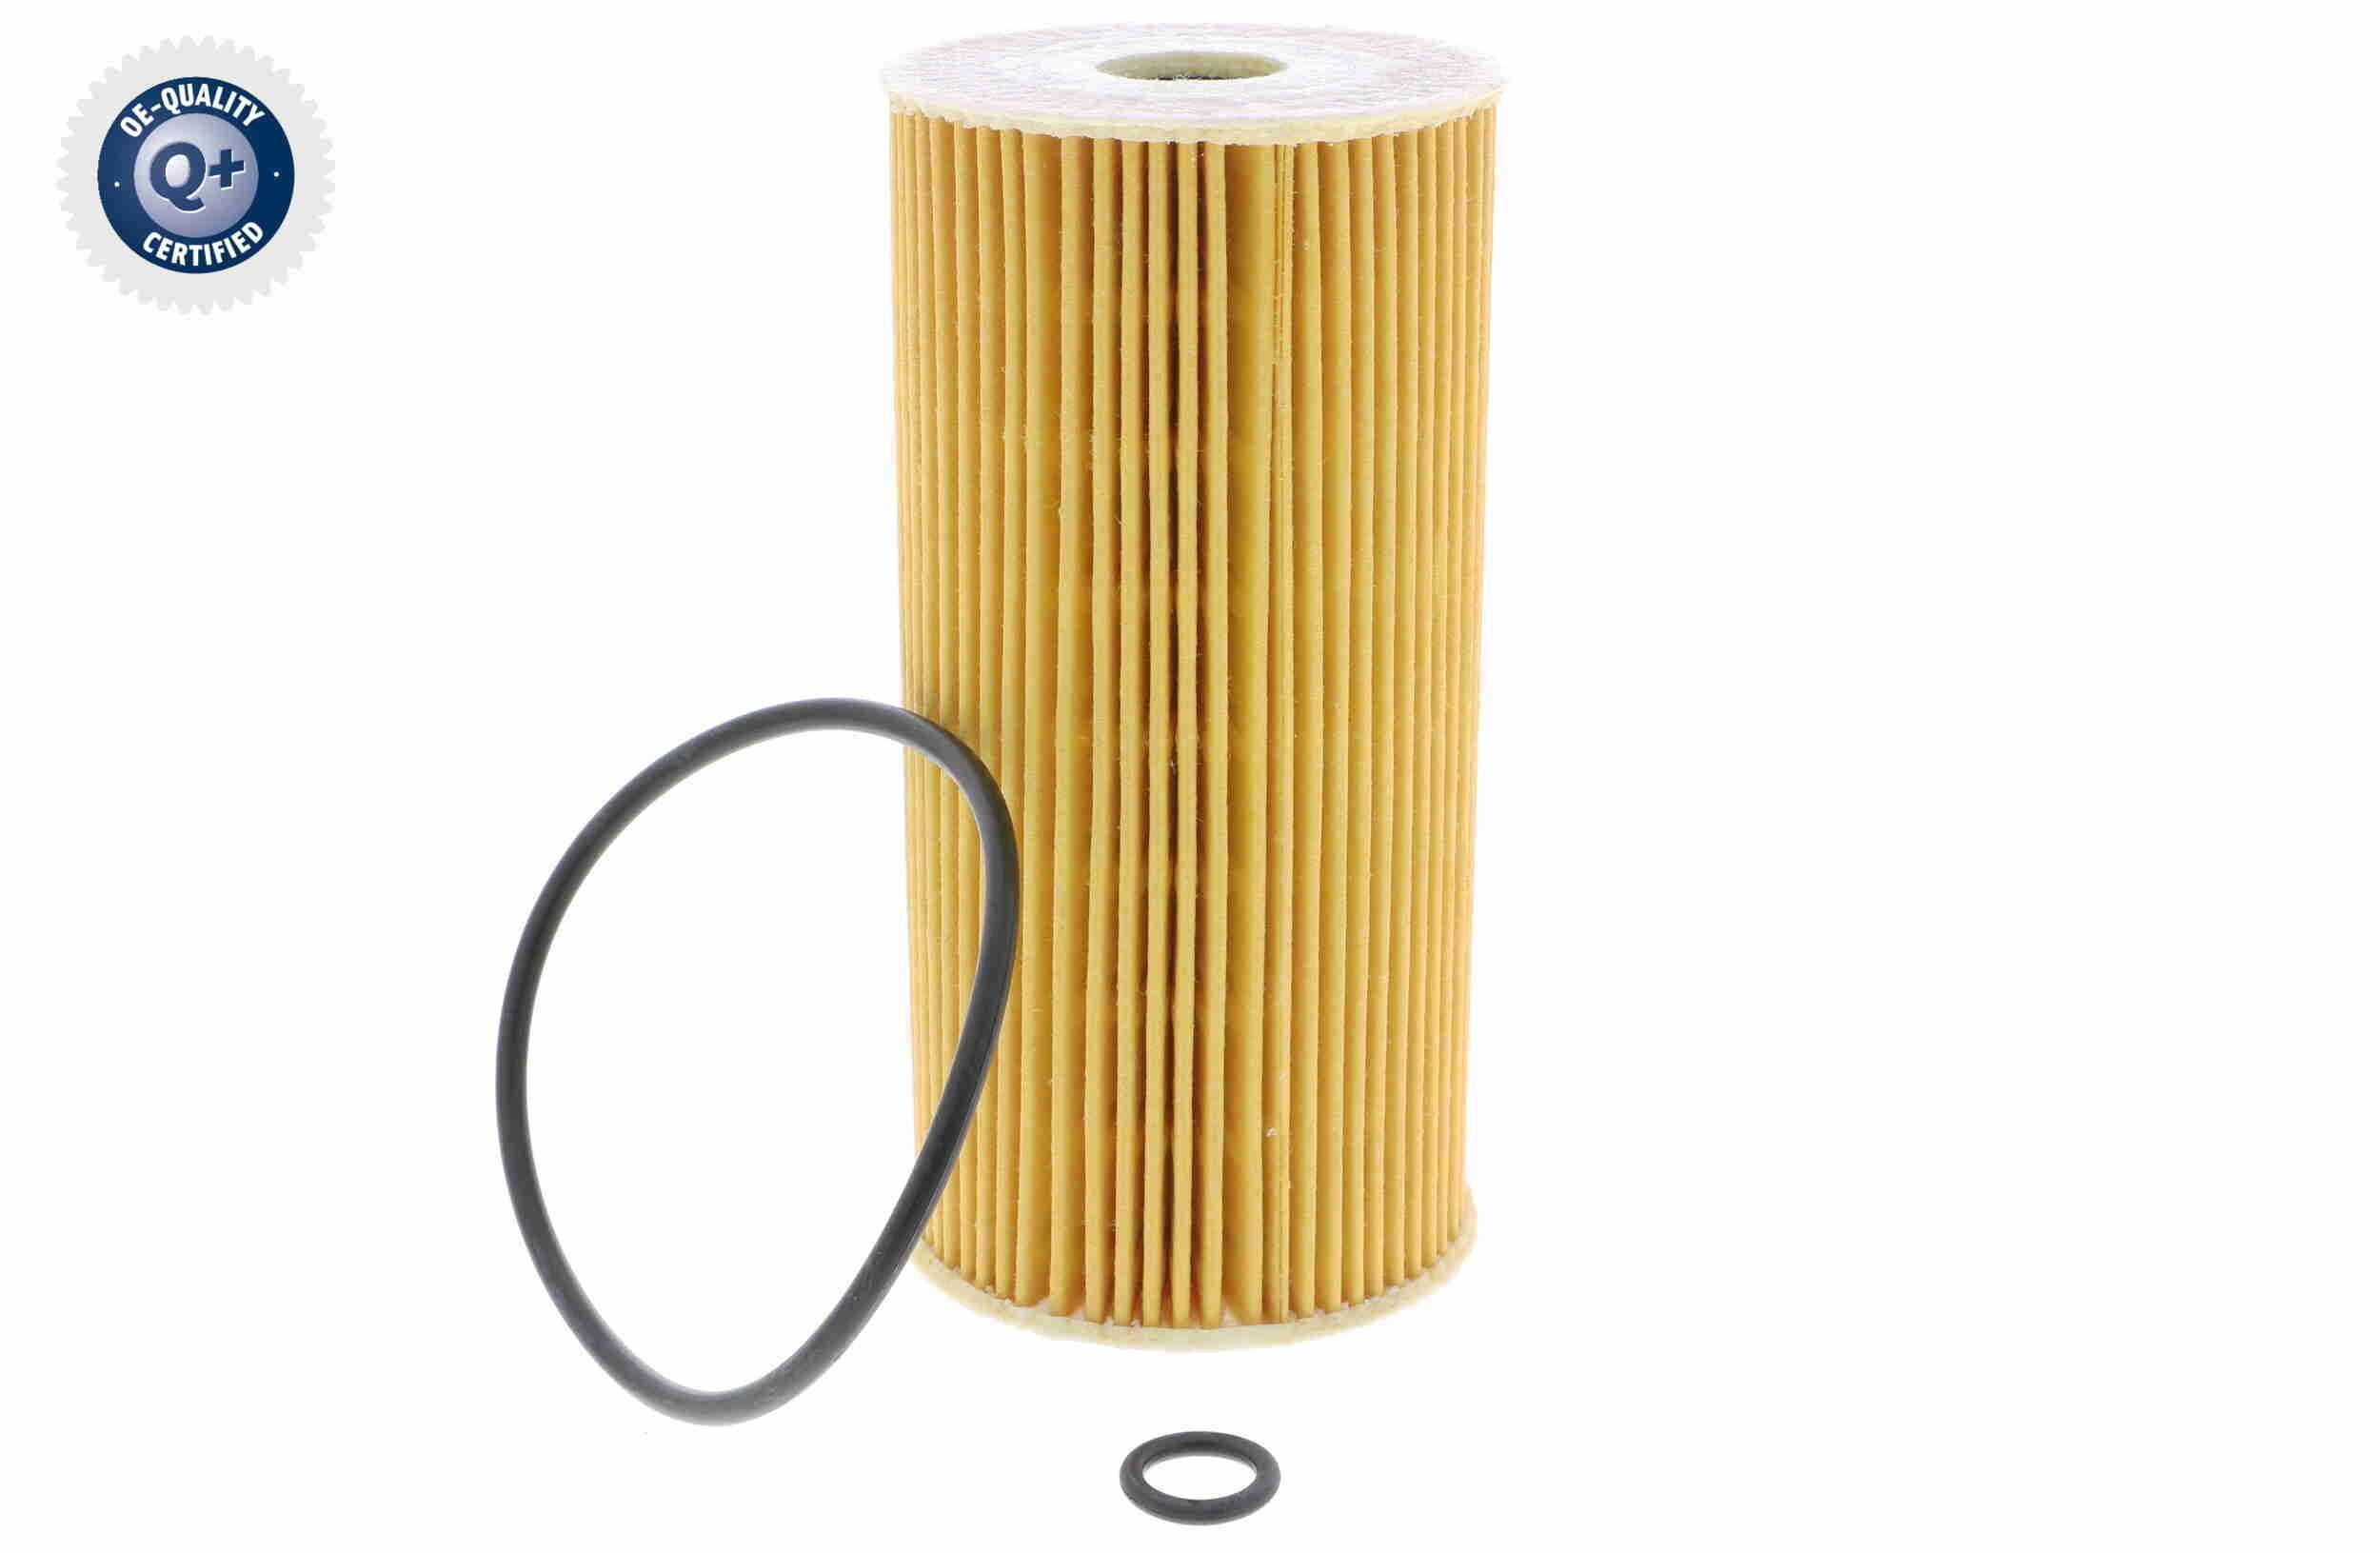 A520500 Motorölfilter Original Ersatzteil ACKOJA A52-0500 - Große Auswahl - stark reduziert